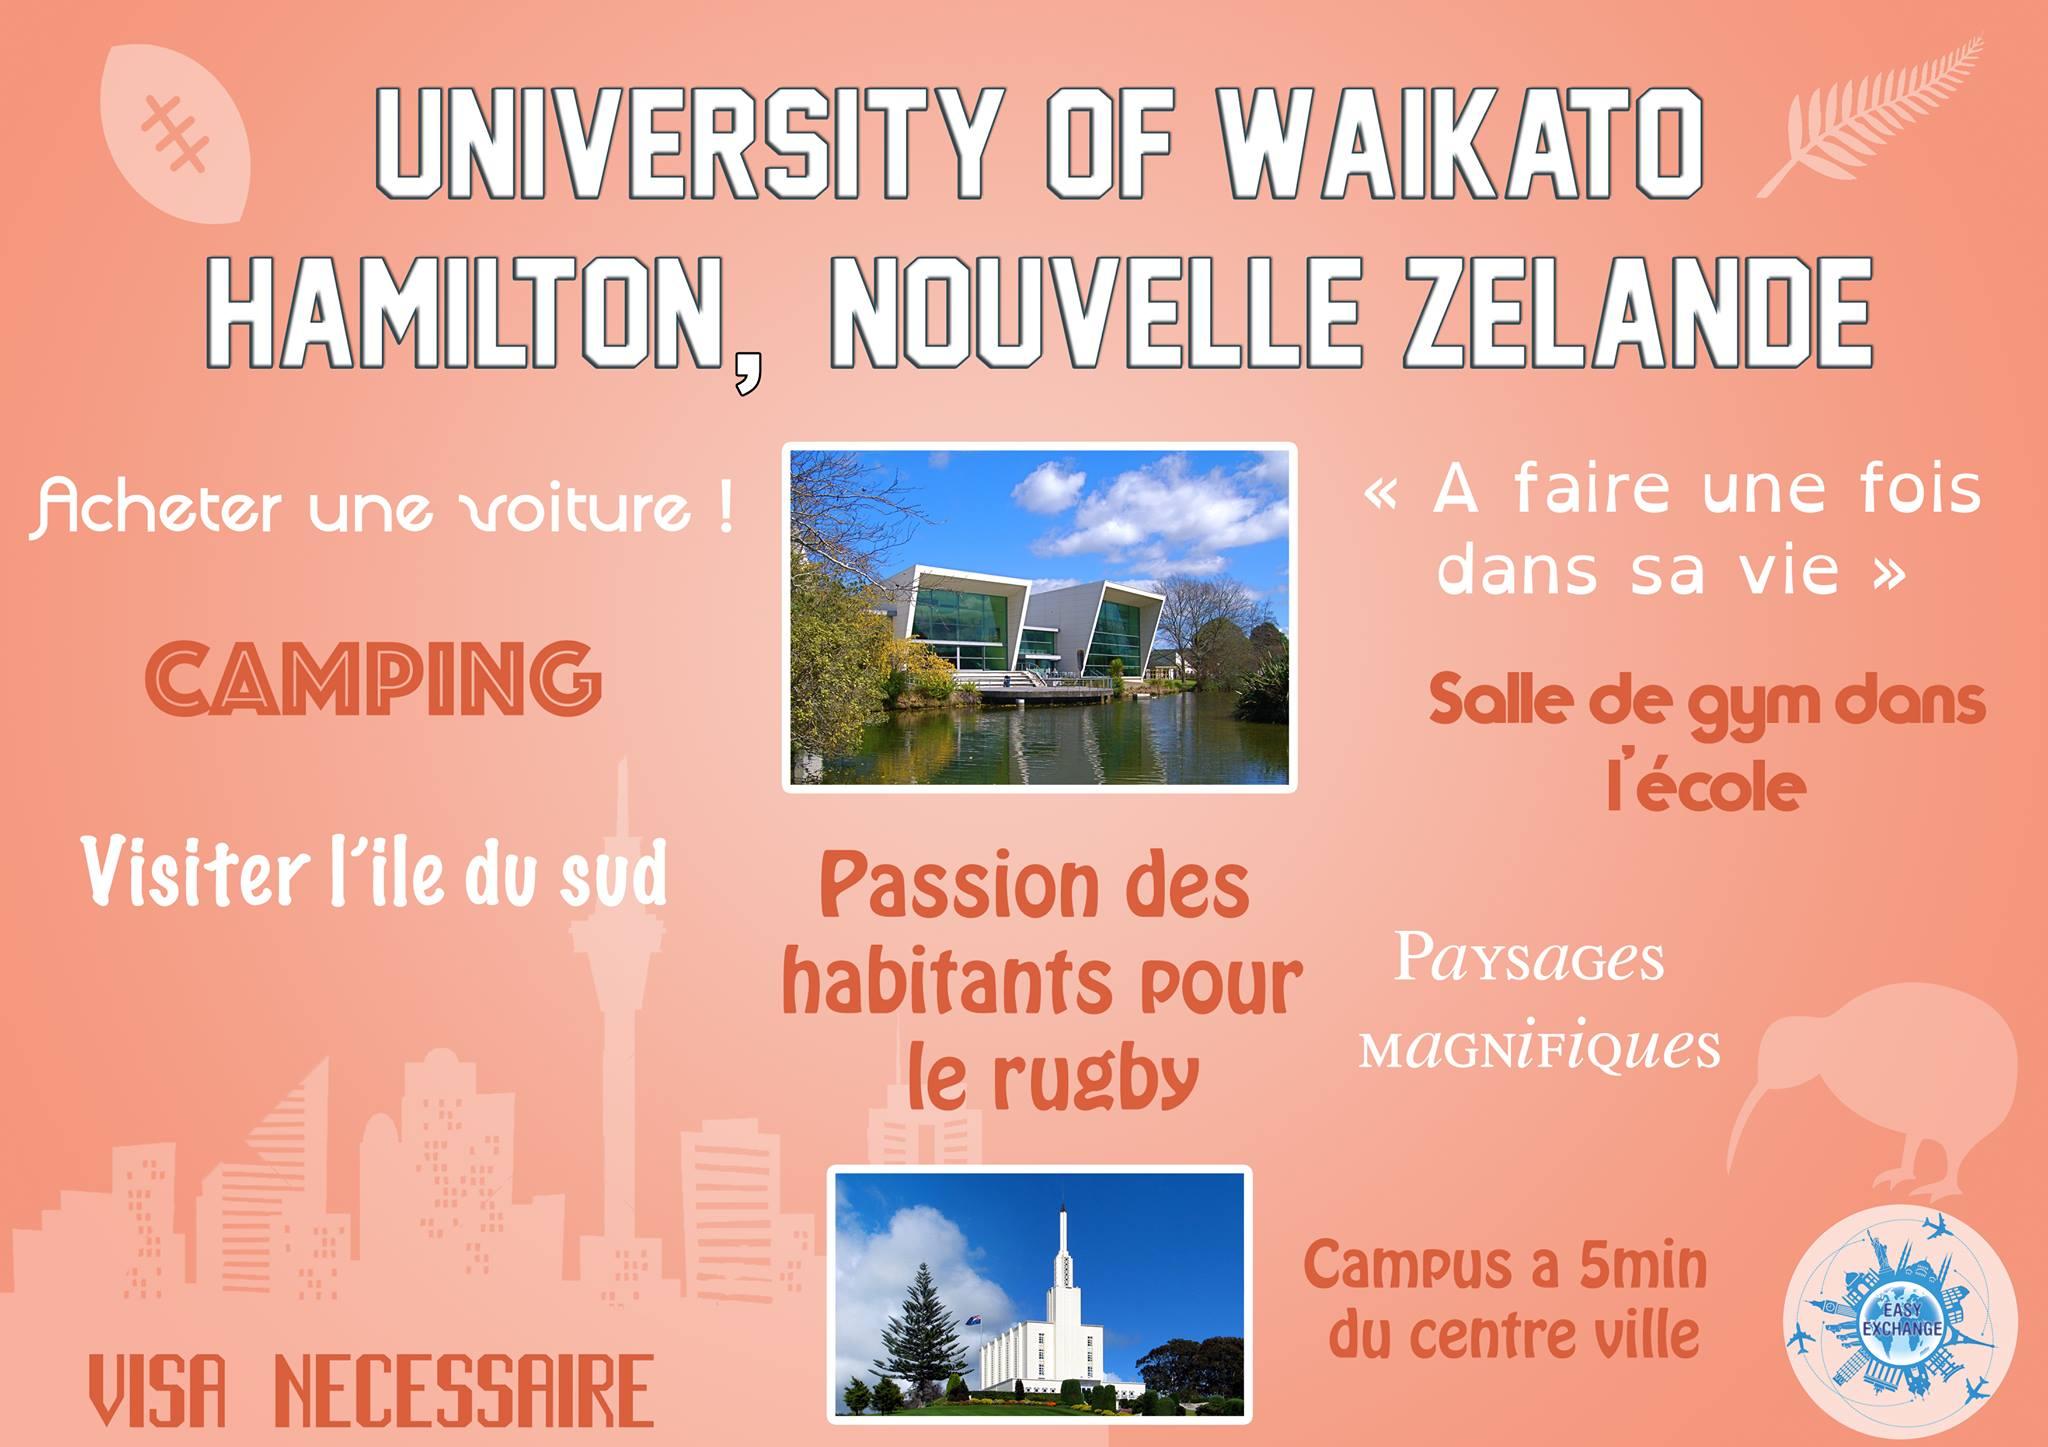 Waikato Hamilton